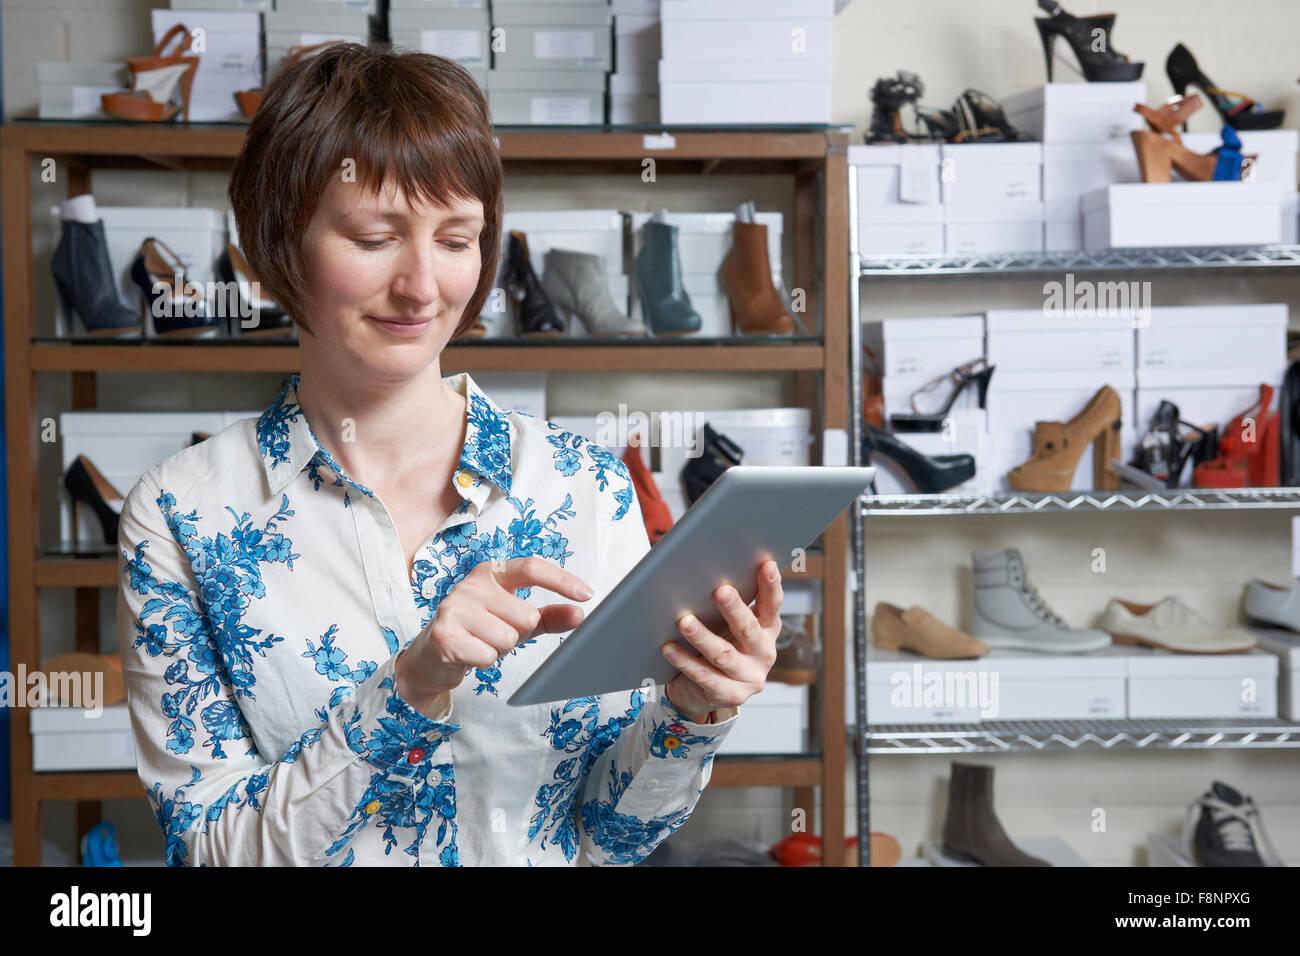 Propriétaire d'entreprise de chaussures en ligne using digital Tablet Photo Stock